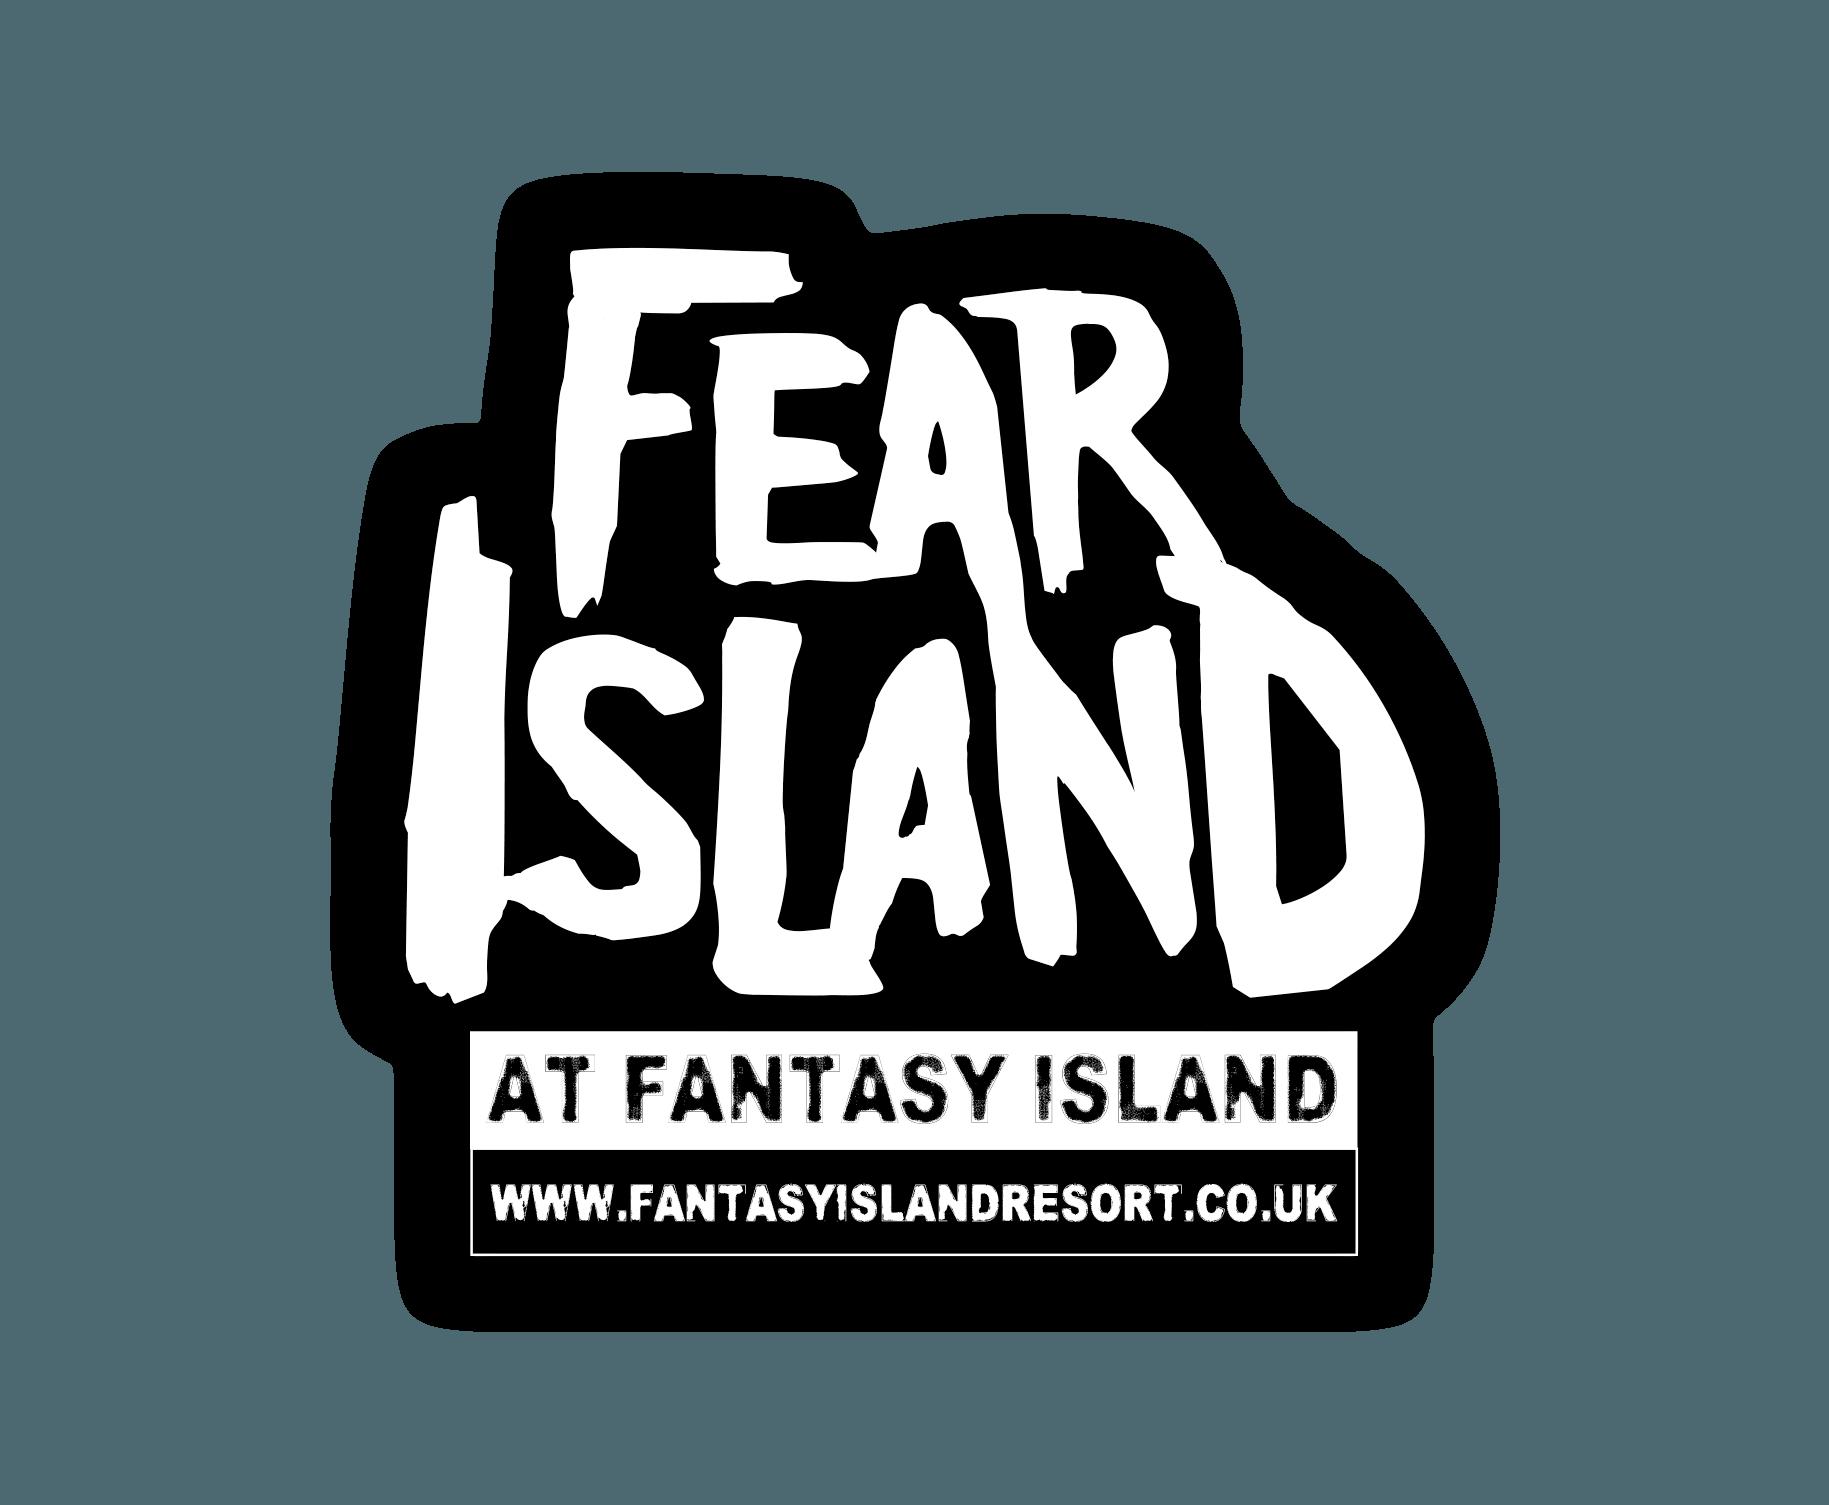 fear island logo